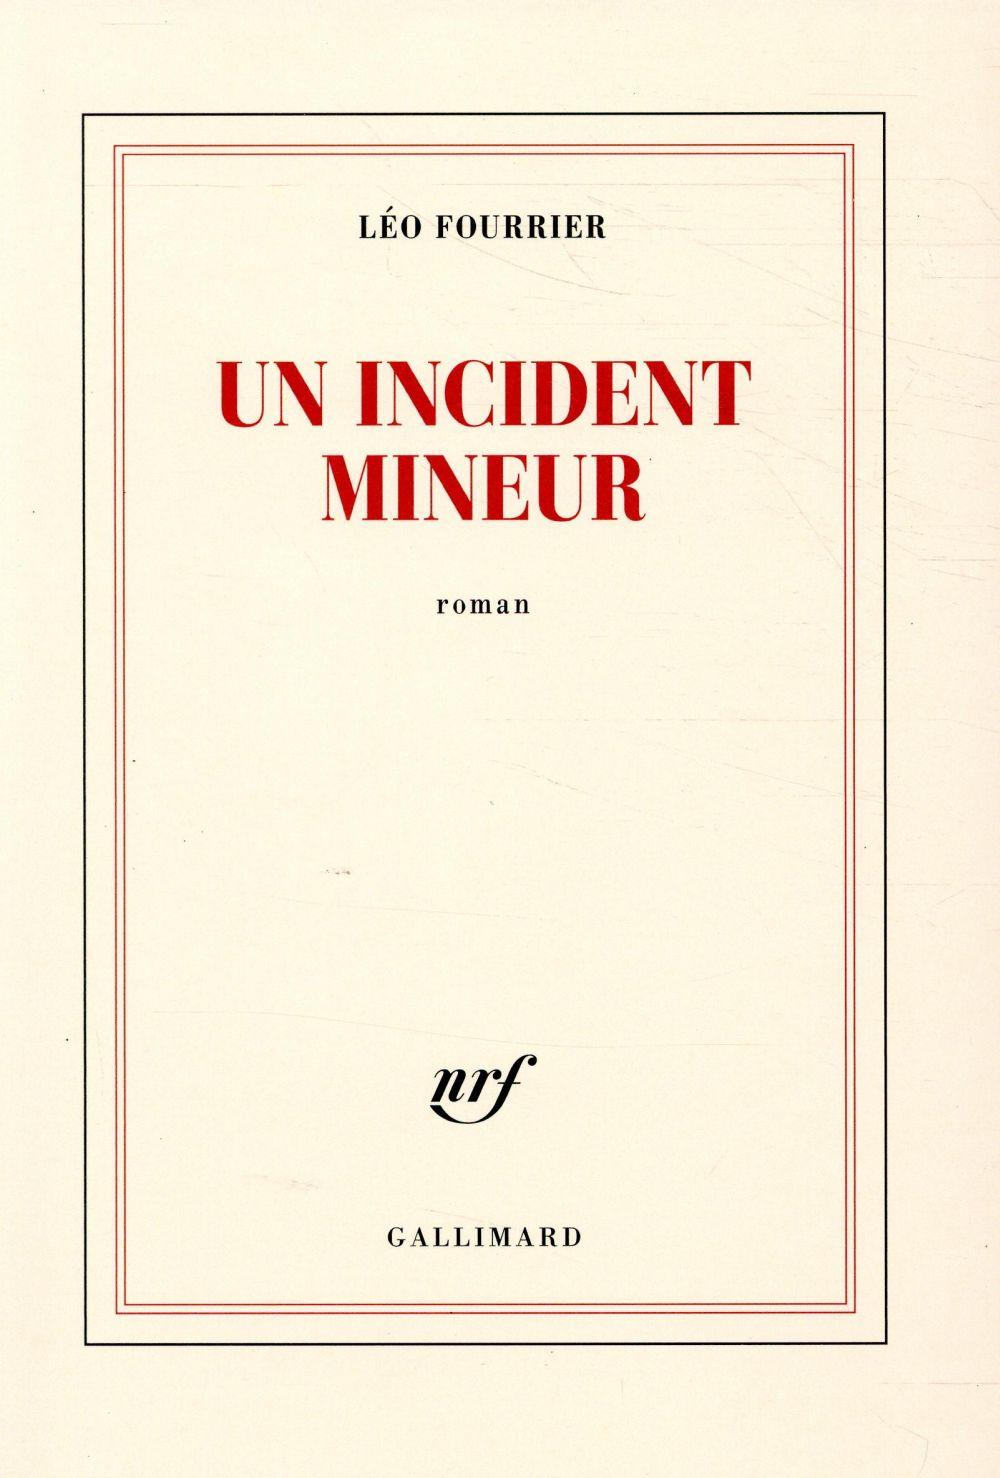 Un incident mineur